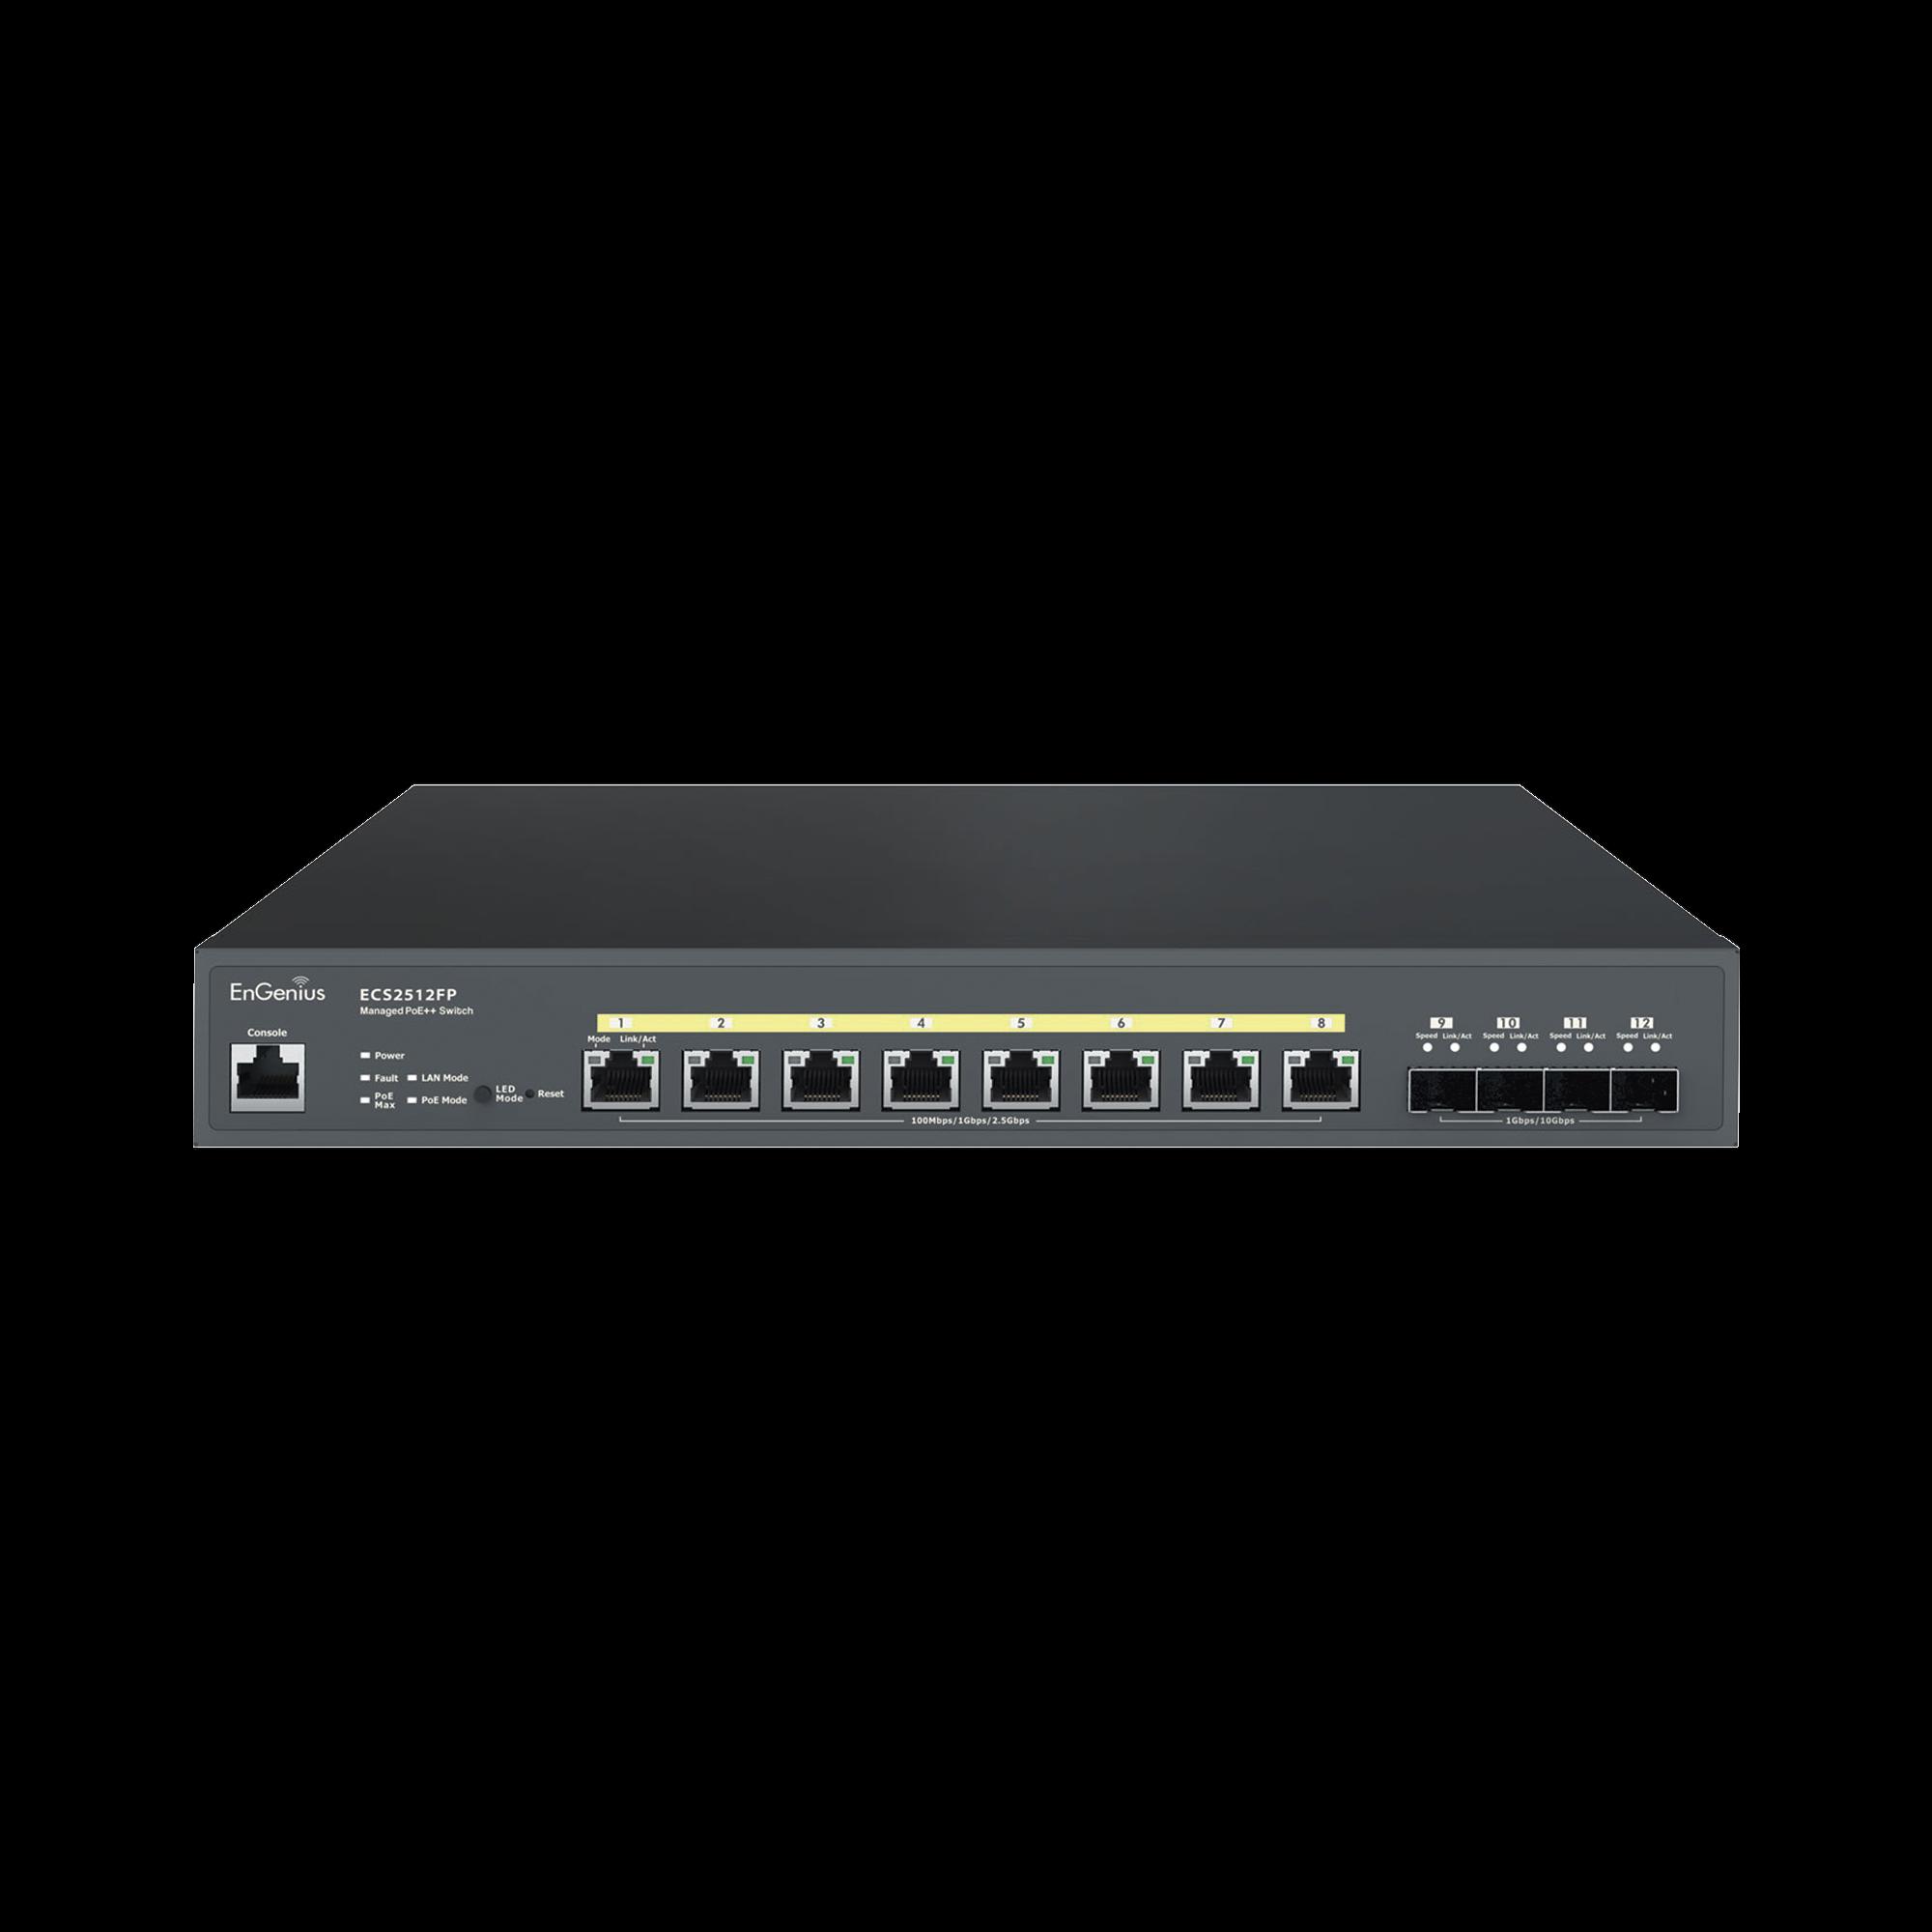 Switch PoE ++ Administrable en Nube Capa 2  de 8 puertos PoE  de 2.5 Gbps, Hasta 240 W, 4 puertos de SFP